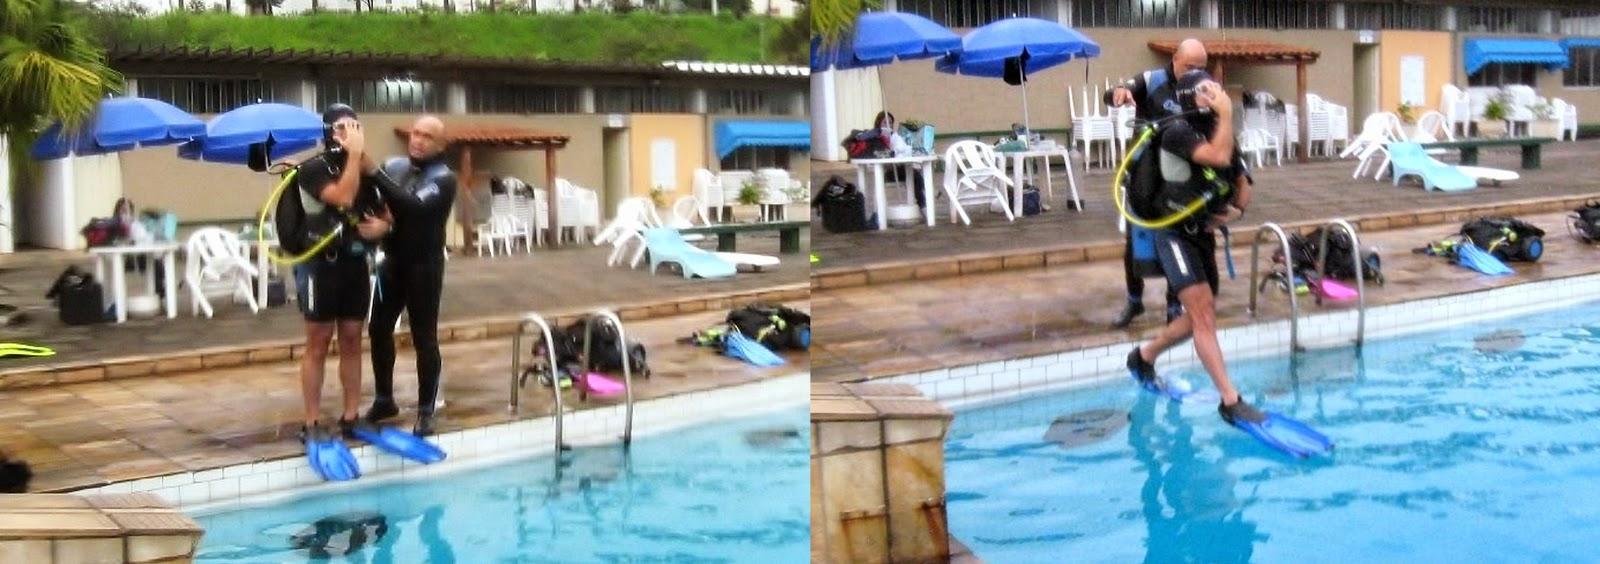 Curso de mergulho 2 etapa piscina funda escola de for Funda piscina redonda